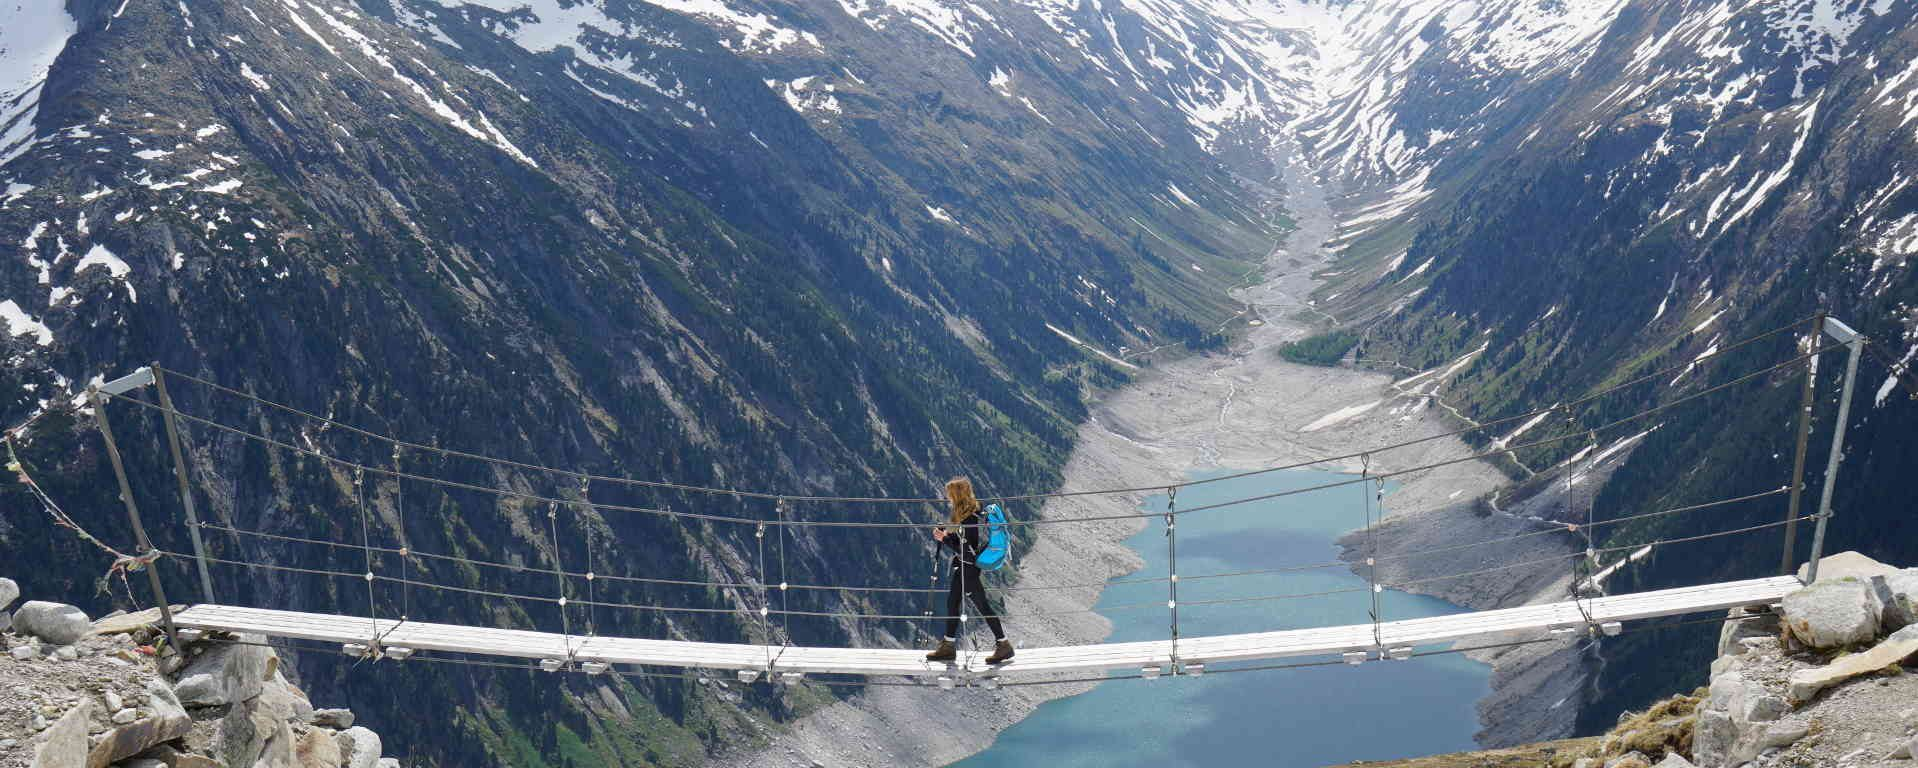 Hängebrücke an der Olperer Hütte im Zillertal